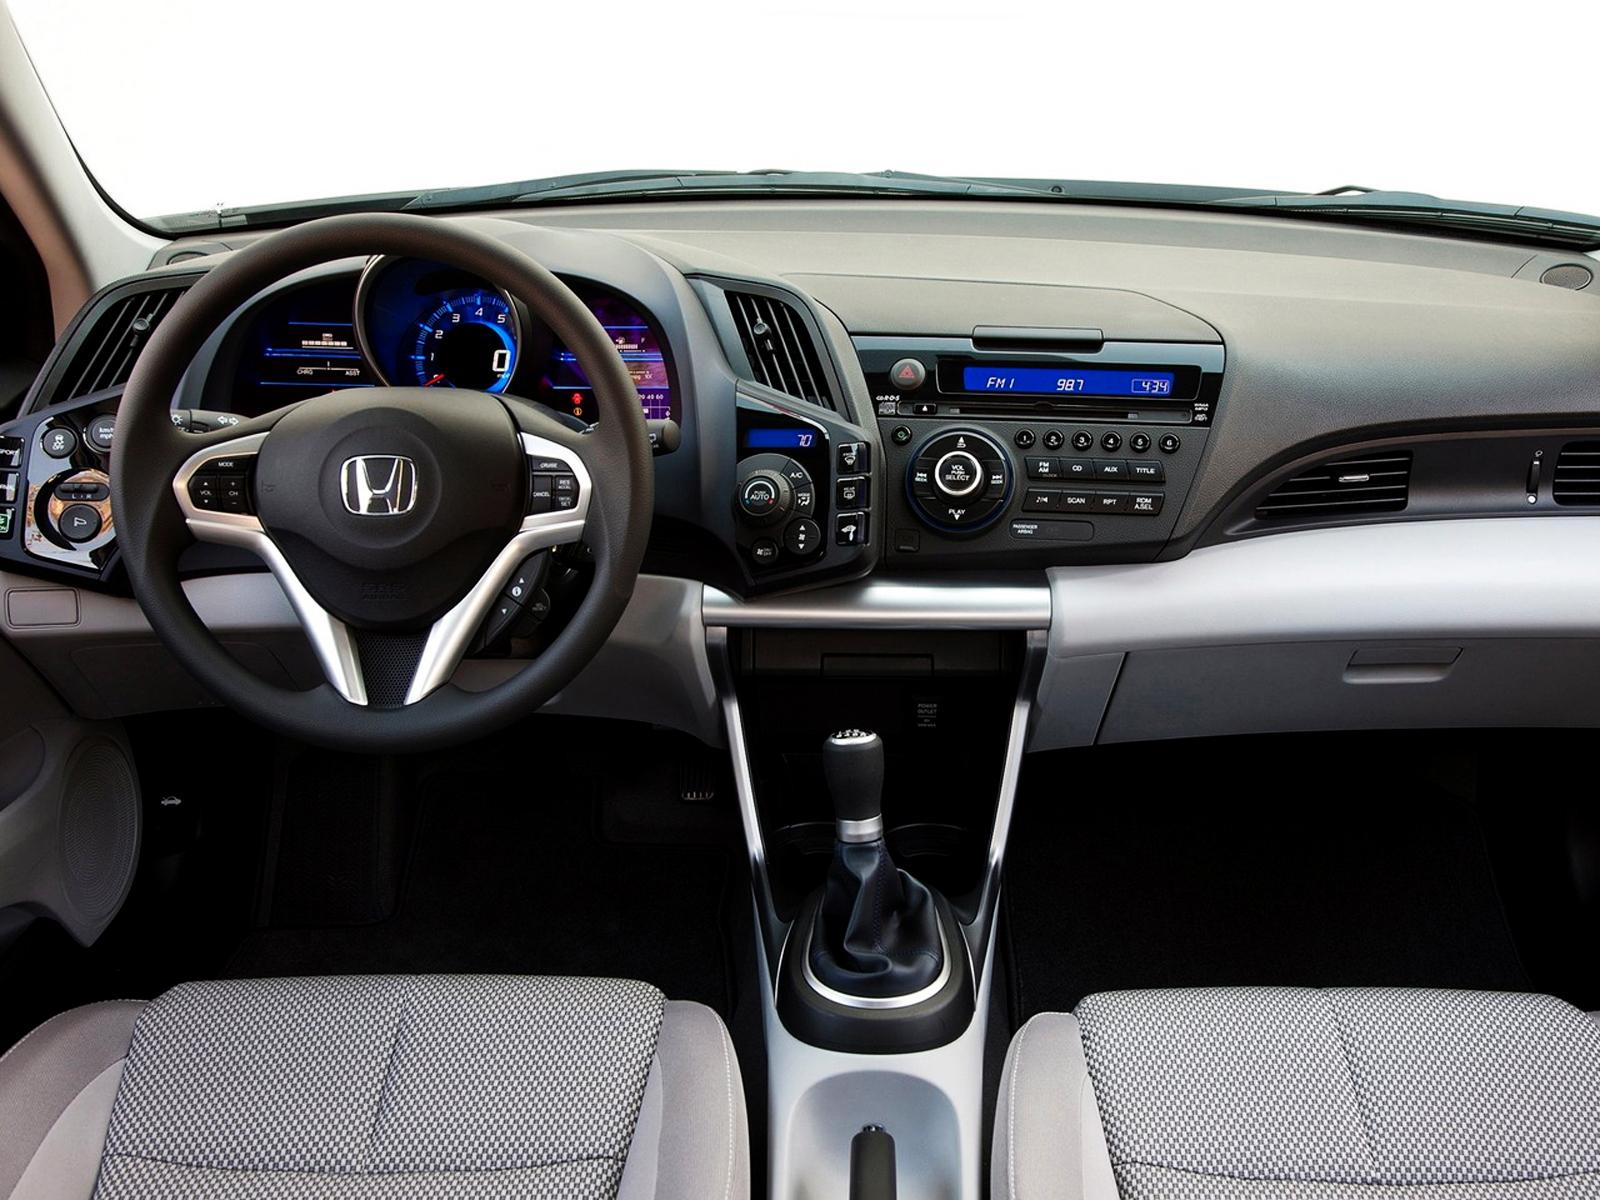 http://1.bp.blogspot.com/-mrD6Q0-STrM/TxcApgvZVXI/AAAAAAAAAXA/9hfGU1Kd2Fc/s1600/2012_Honda_CR-Z_Inner_View_HD_Wallpaper-Vvallpaper.net.jpg